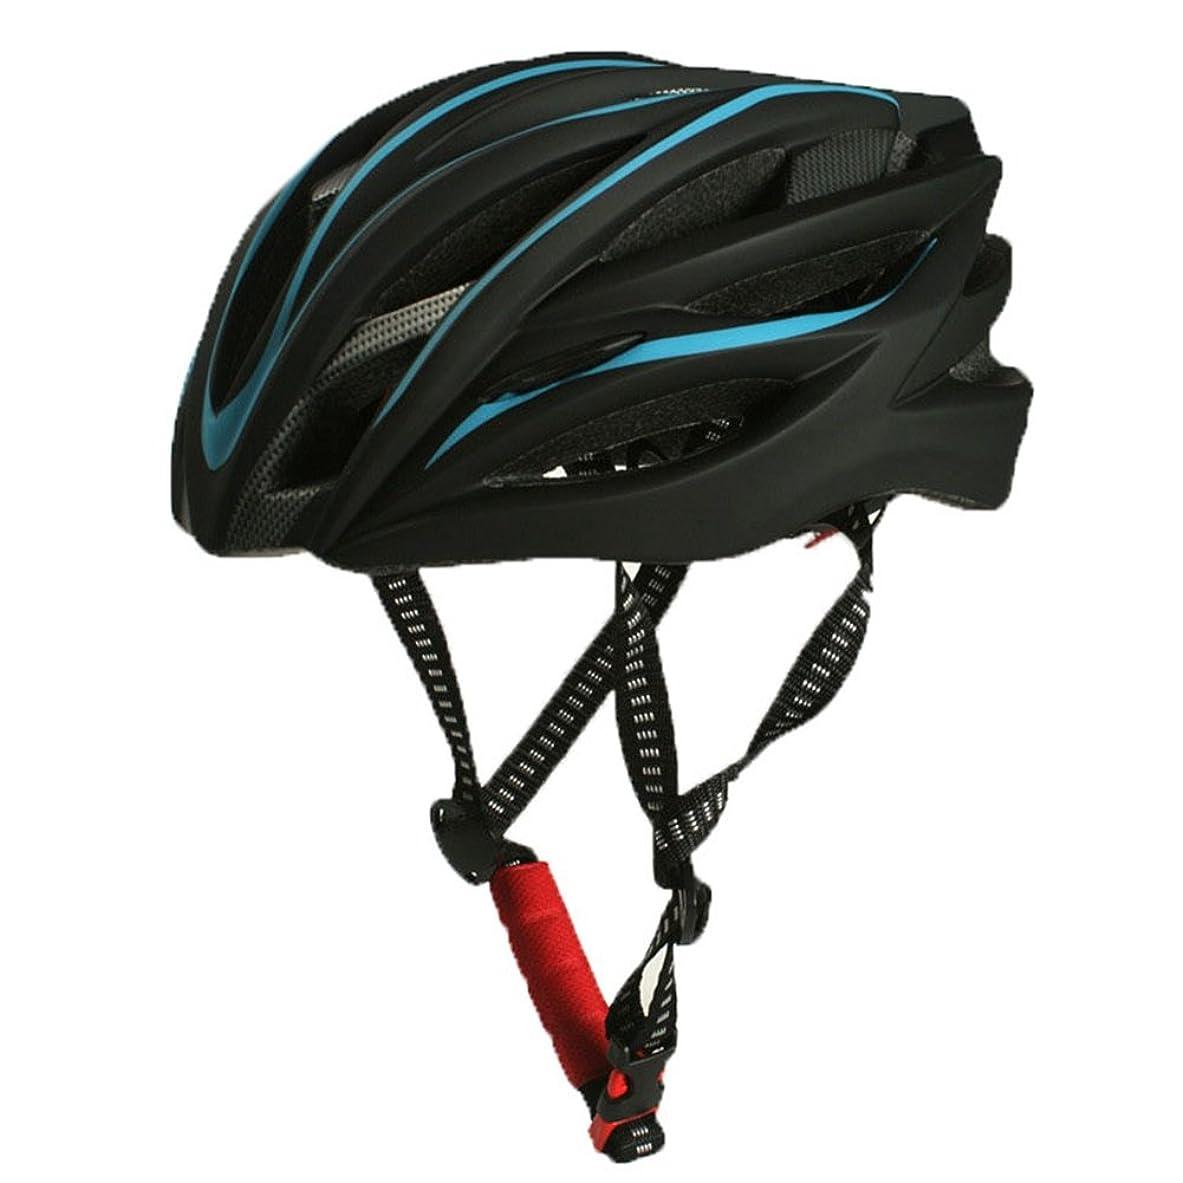 ドロー快い配分自転車ヘルメット 大人用/ジュニア アンチショツク 高剛性 軽量 サイクルヘルメット 通気性良い アジャスター付 着脱可能 調整可能  オールシーズン スポーツ&アウトドア 56~63CM